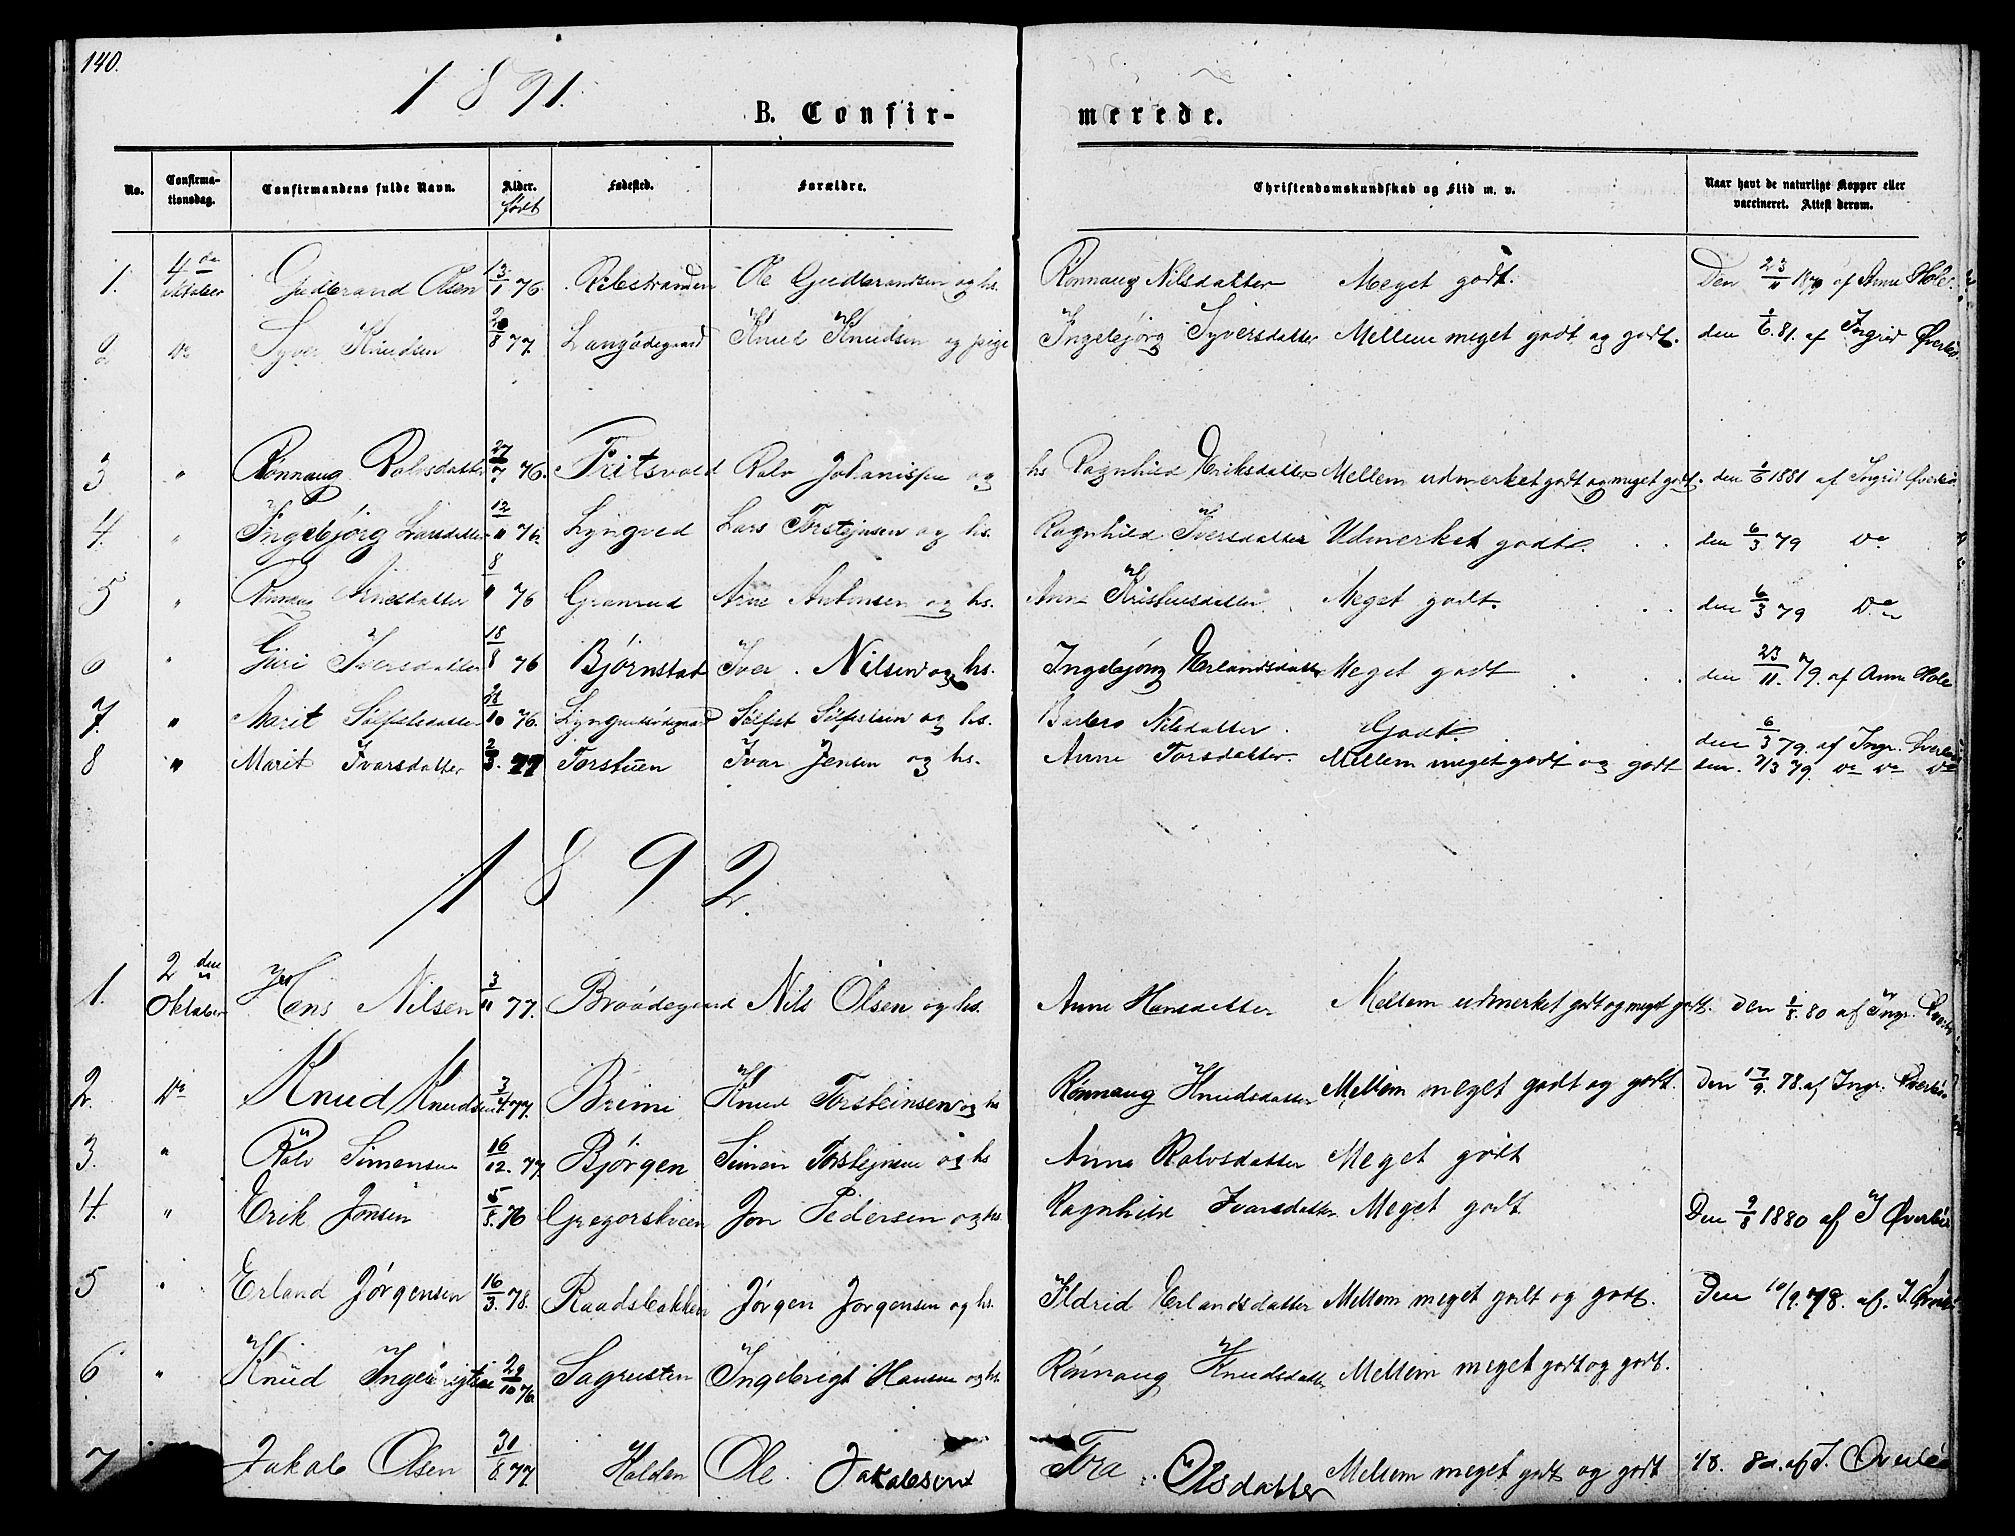 SAH, Lom prestekontor, L/L0005: Klokkerbok nr. 5, 1876-1901, s. 140-141